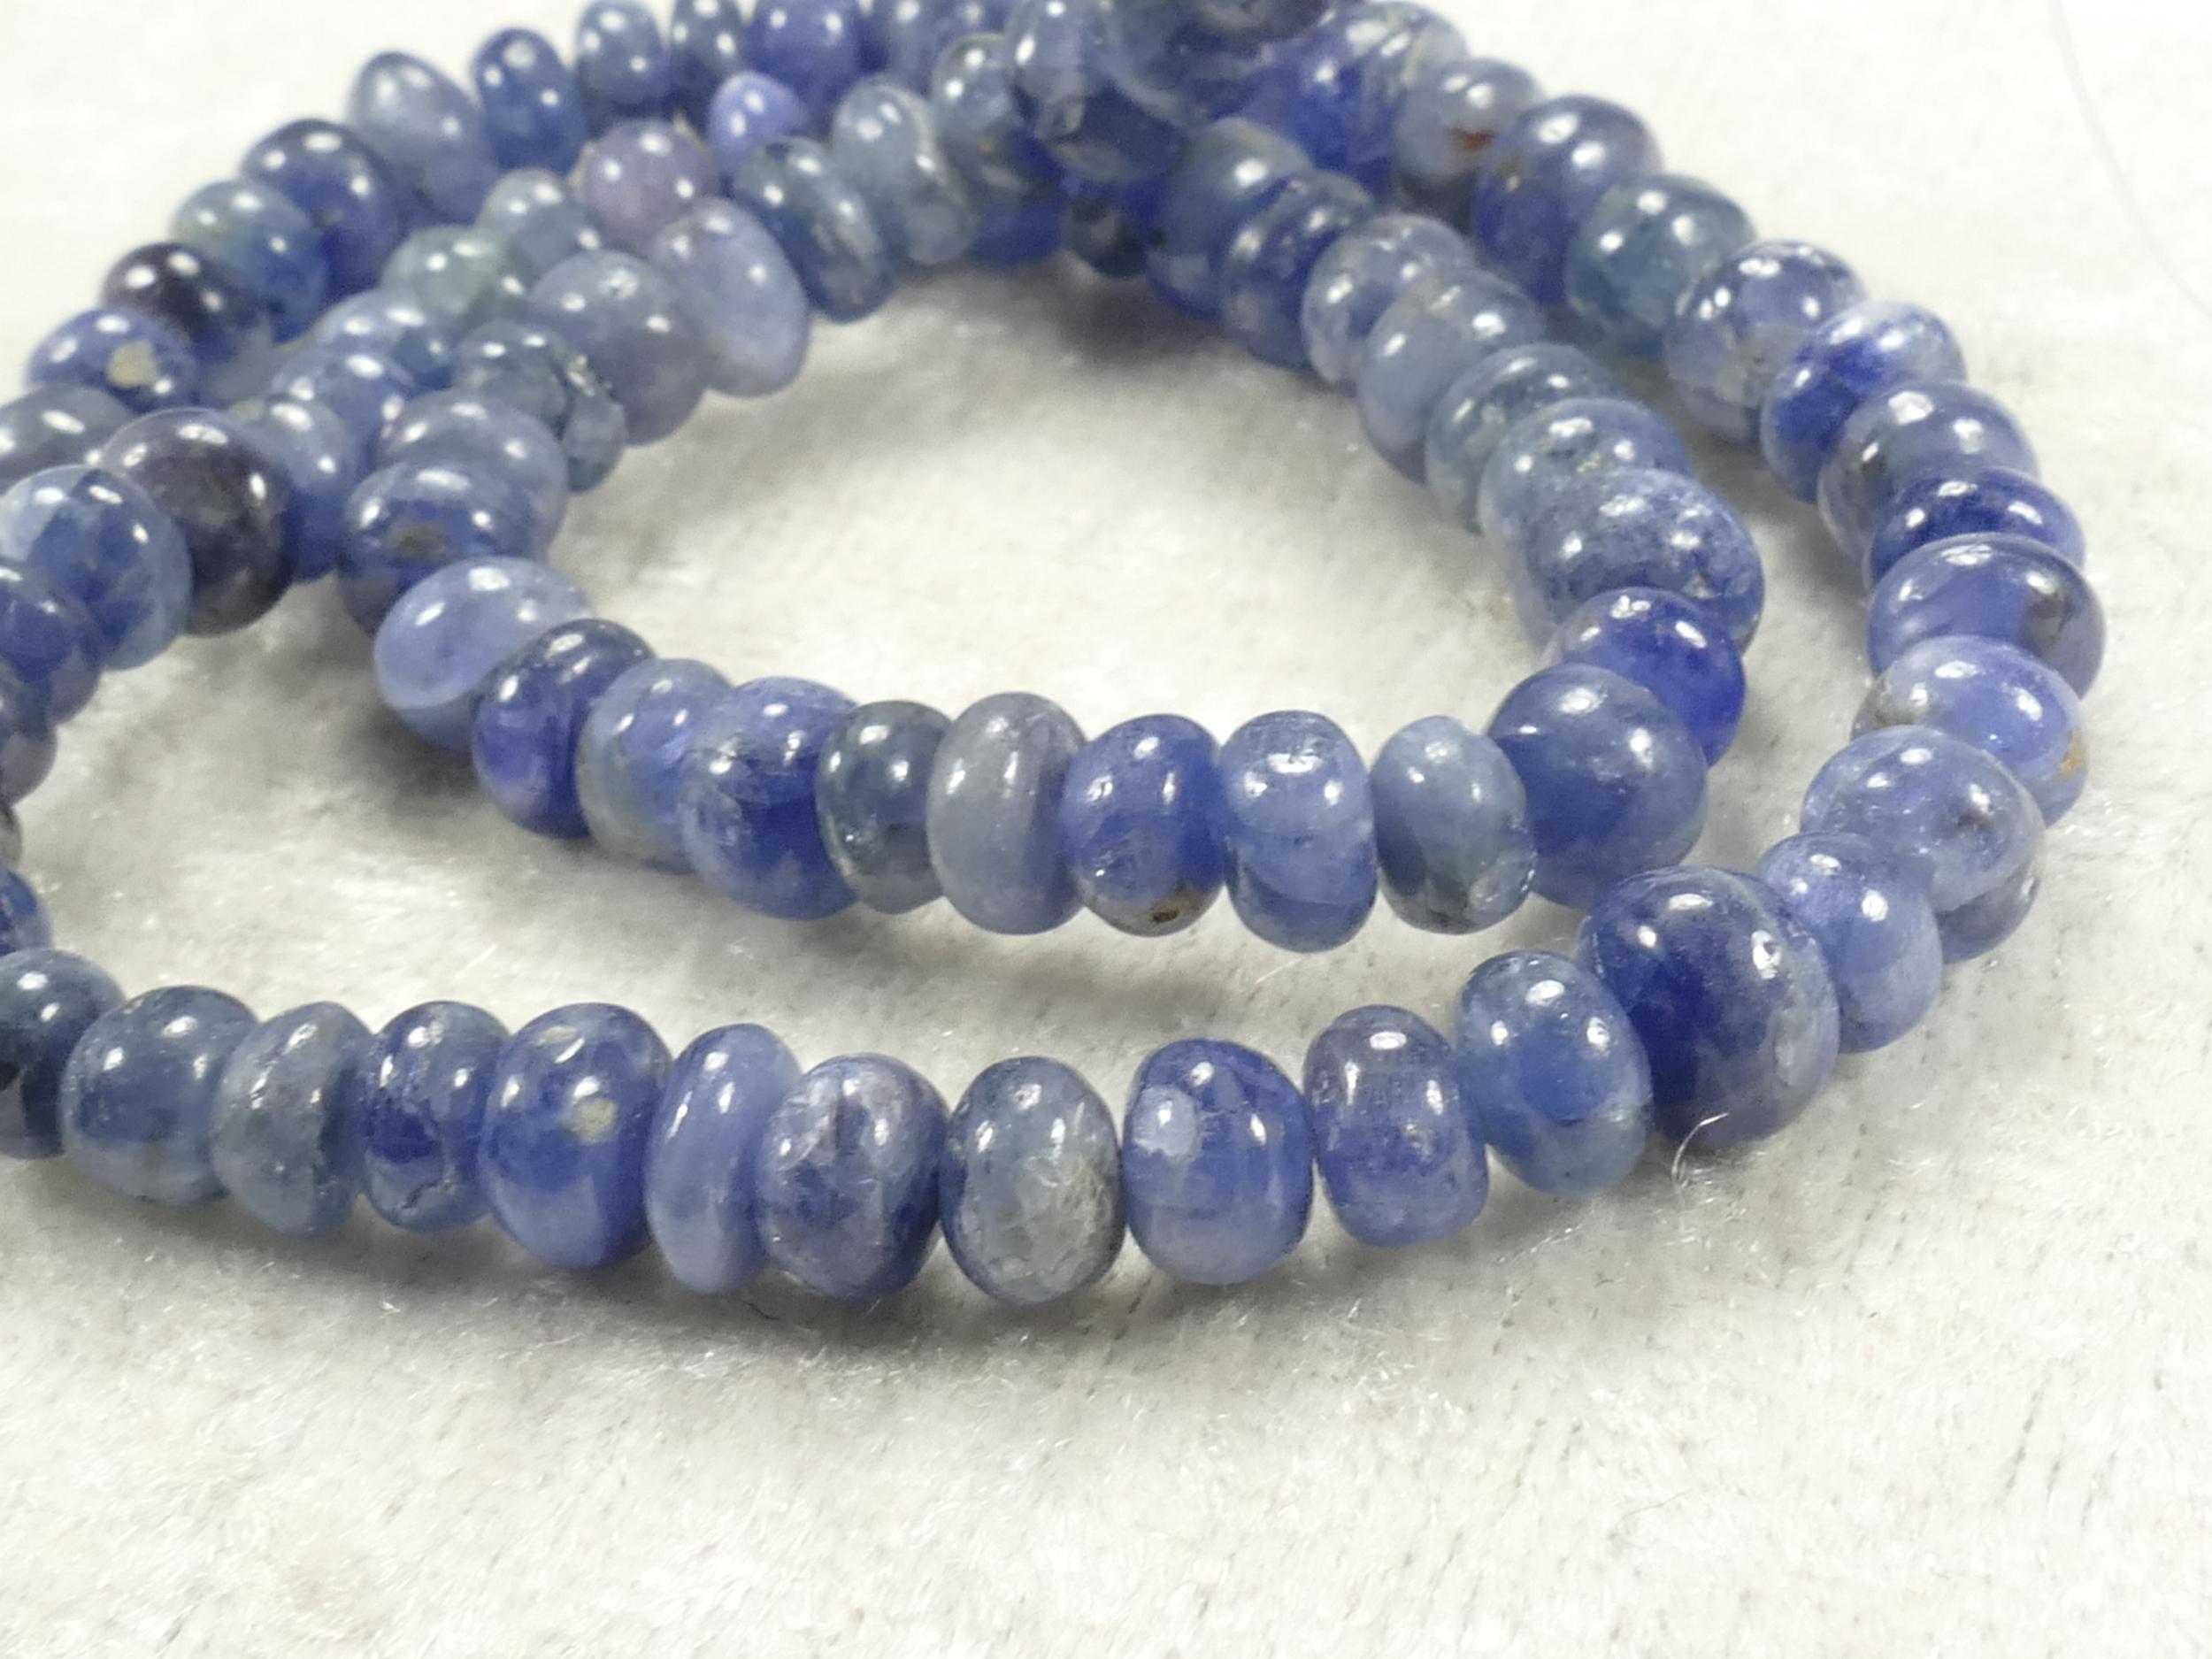 4.6/5.6mm Perles de Saphir bleu naturel en rondelle lisse de Myanmar Birmanie x5cm (1.96inch) (#AC228A)